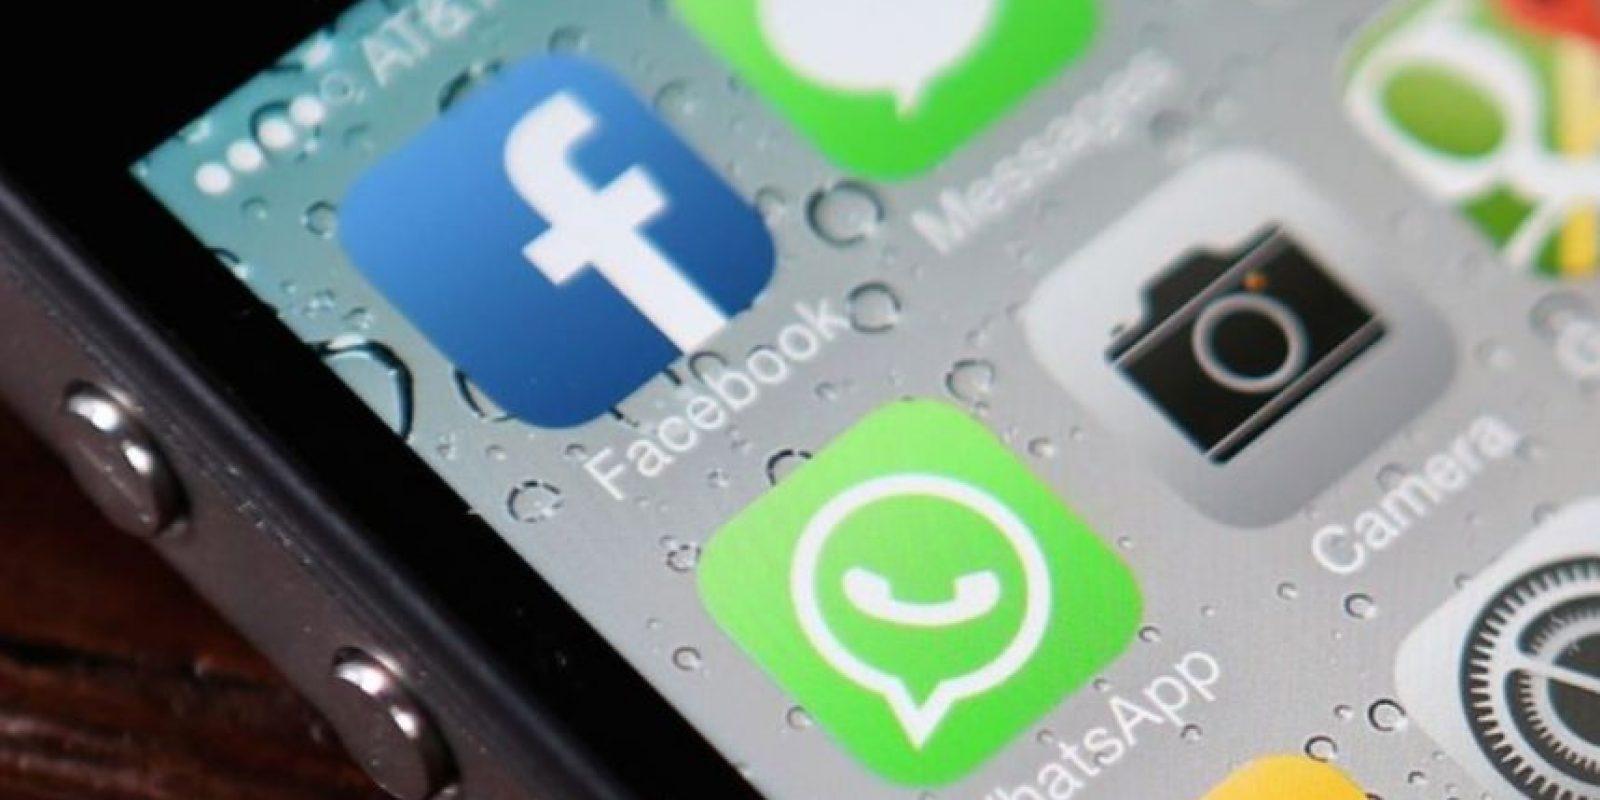 En febrero de 2014 adquirieron WhatsApp por 19 mil millones de dólares. Foto:Getty Images